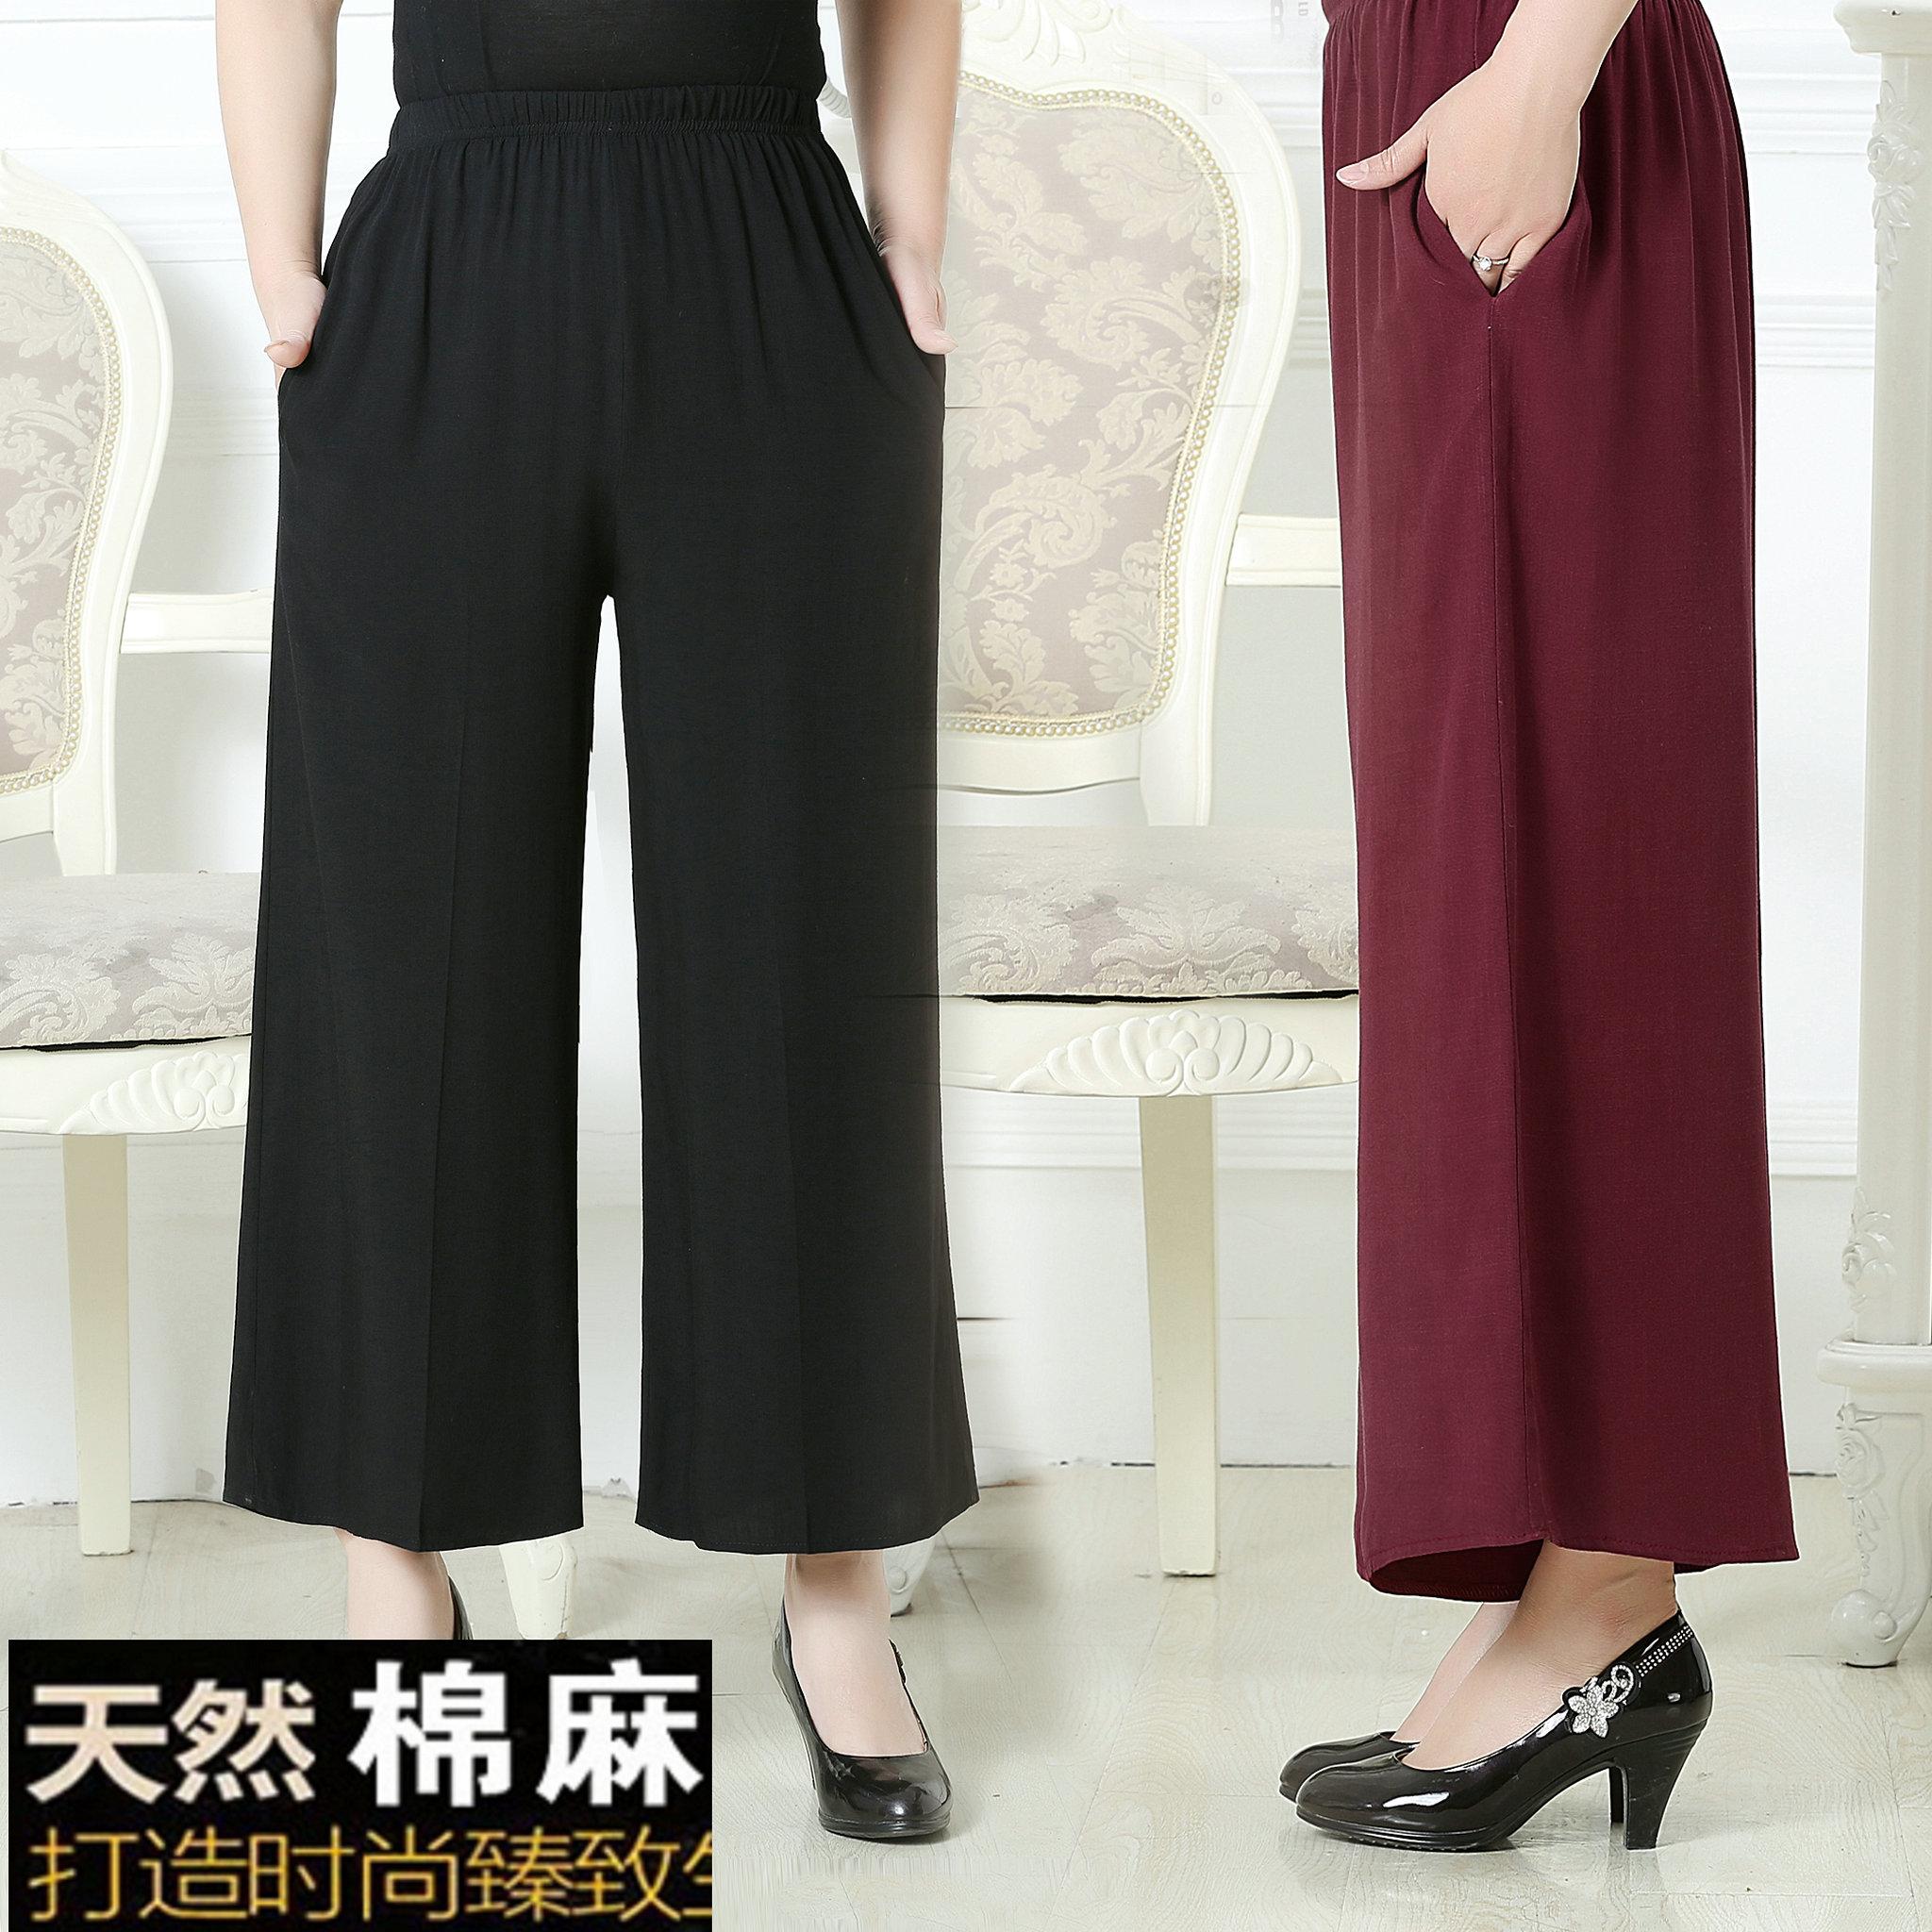 Phụ nữ trung niên của mùa xuân và mùa thu đàn hồi eo quần mẹ nạp lỏng phần mỏng Châu Á cotton linen thẳng eo cao quần chân rộng mùa hè